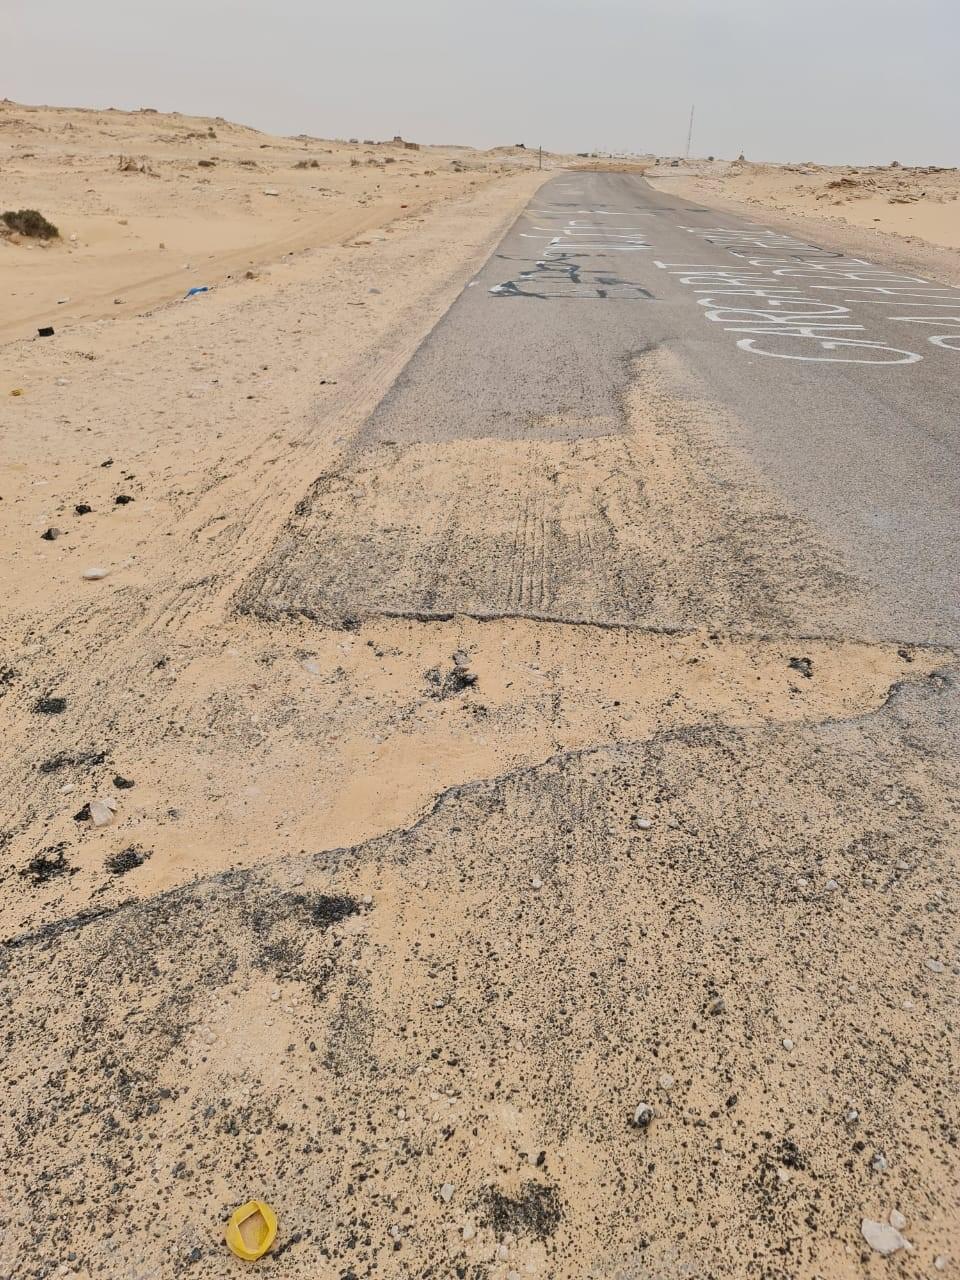 La route du passage de Guergarate que les éléments du Polisario ont essayé de détruire en s'attaquant au bitume